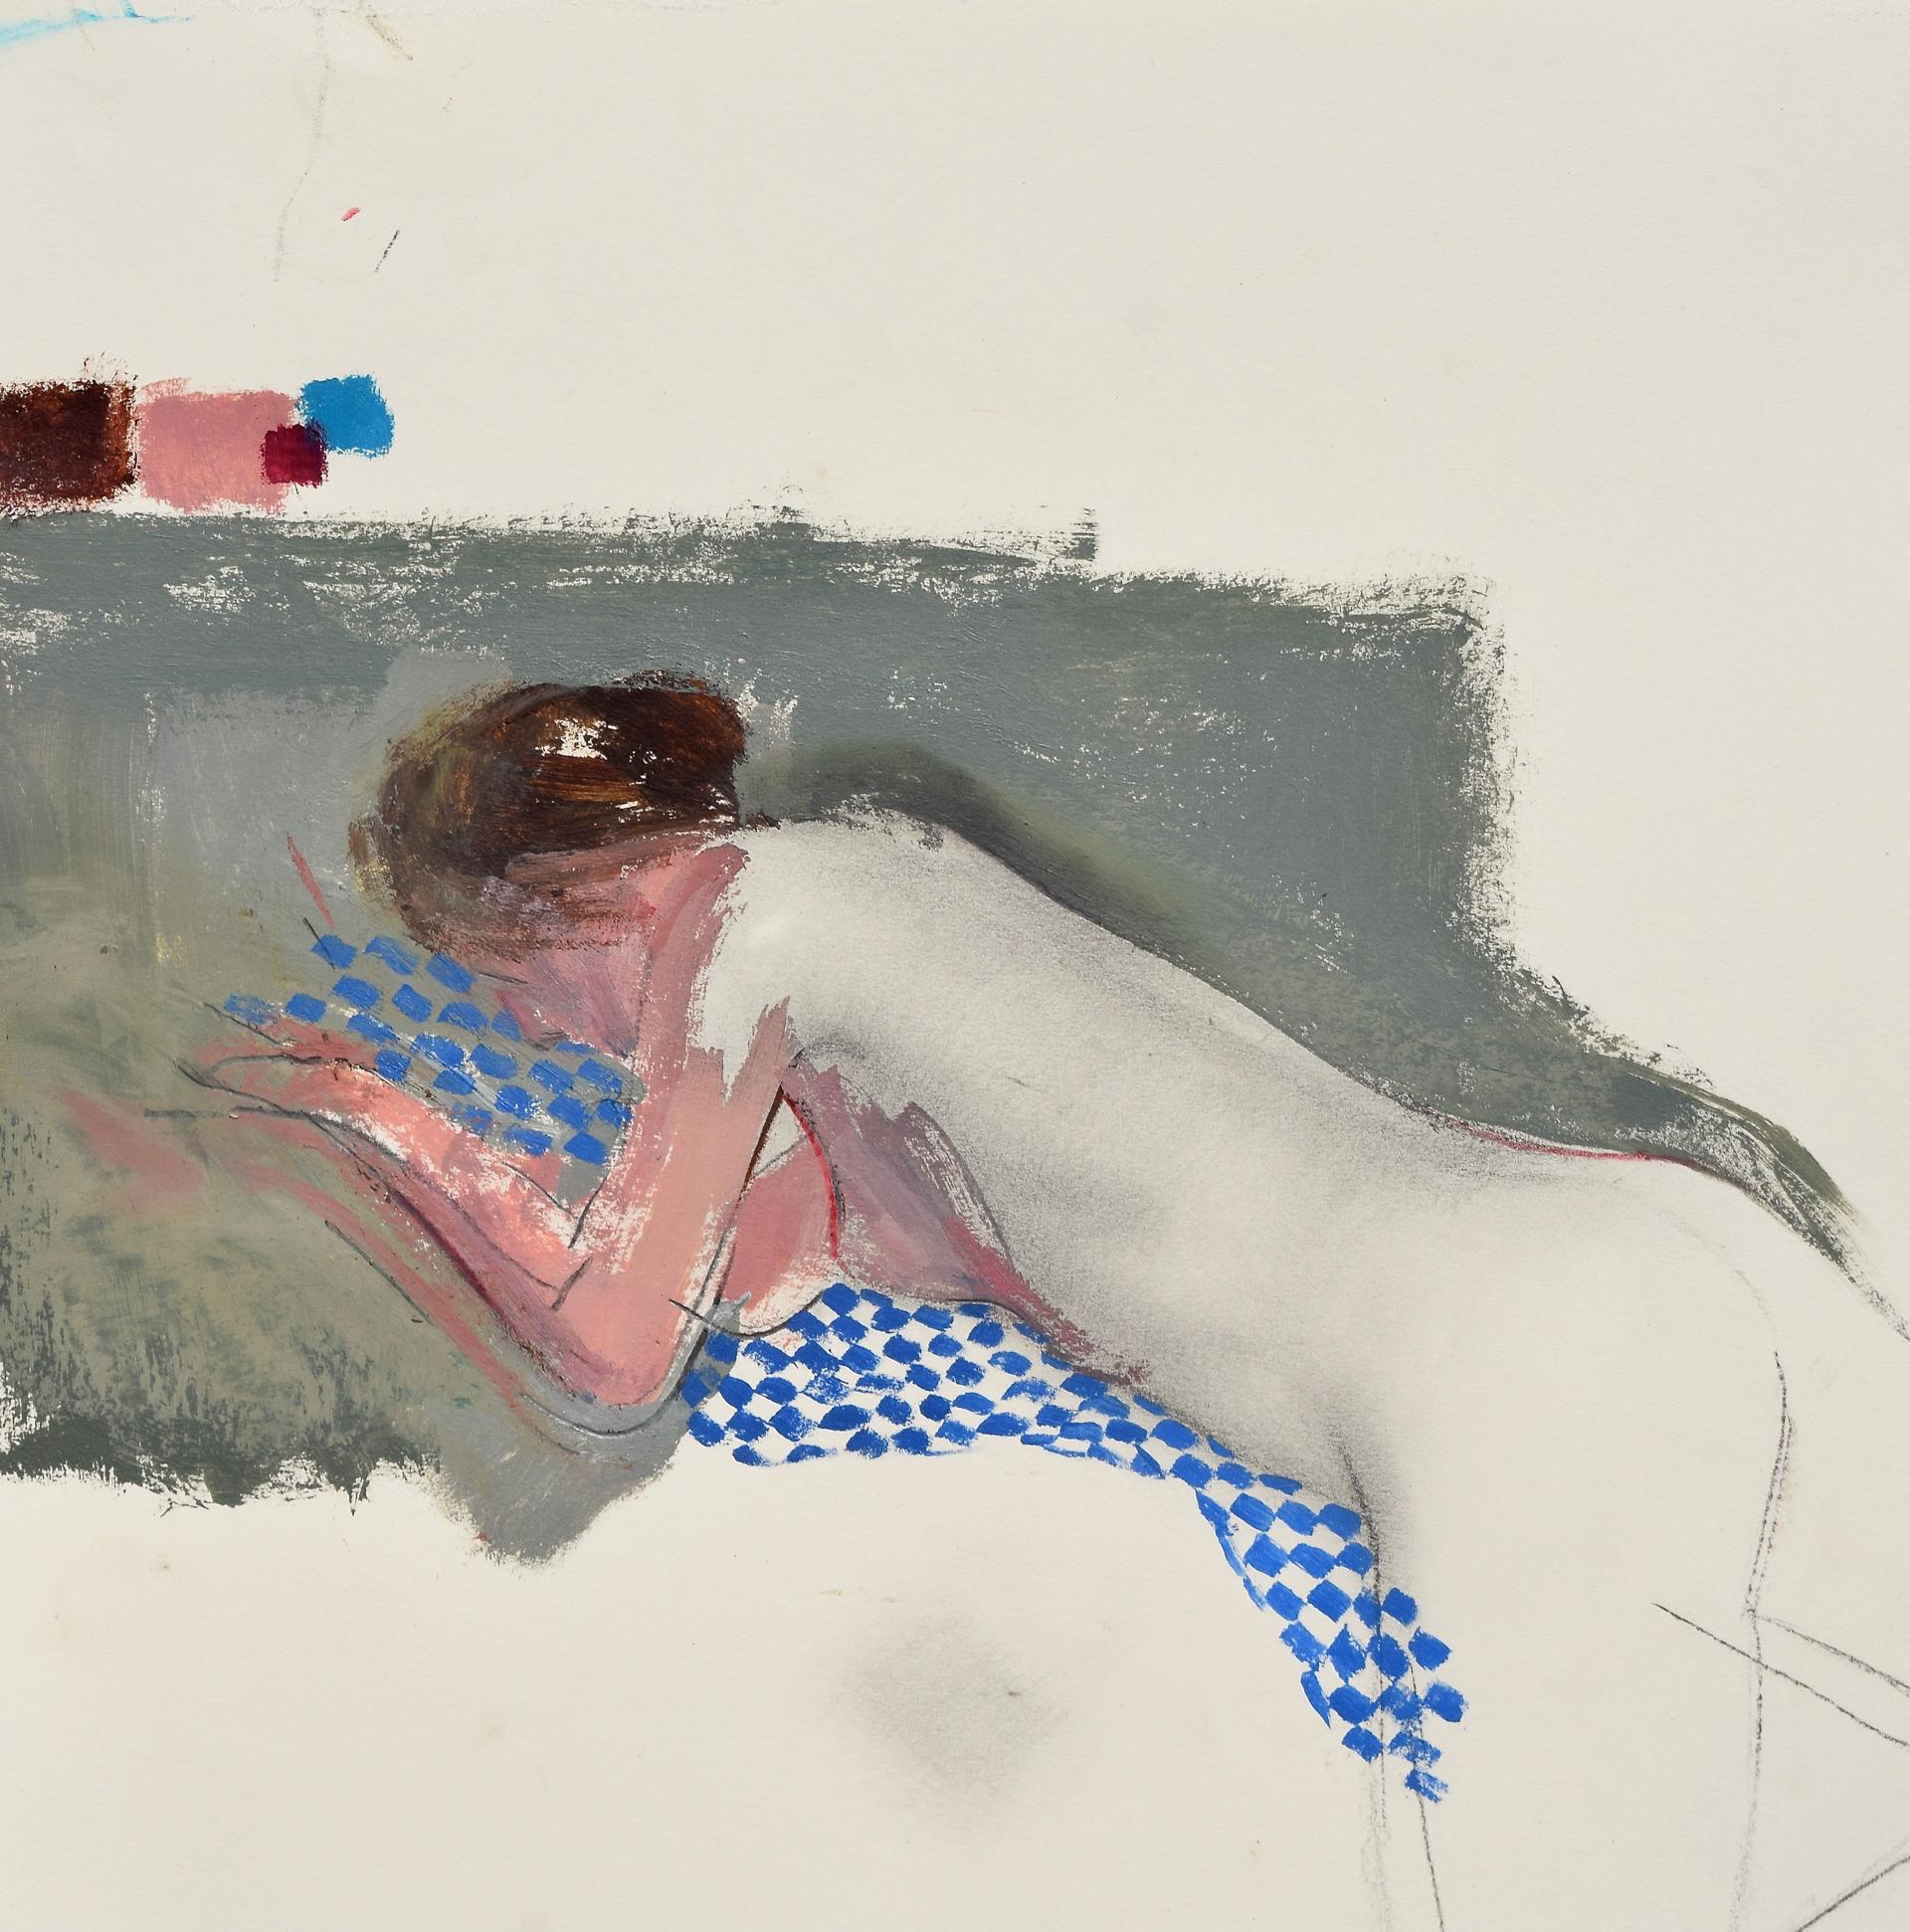 Silhouette Study 1 by Daniel Segrove